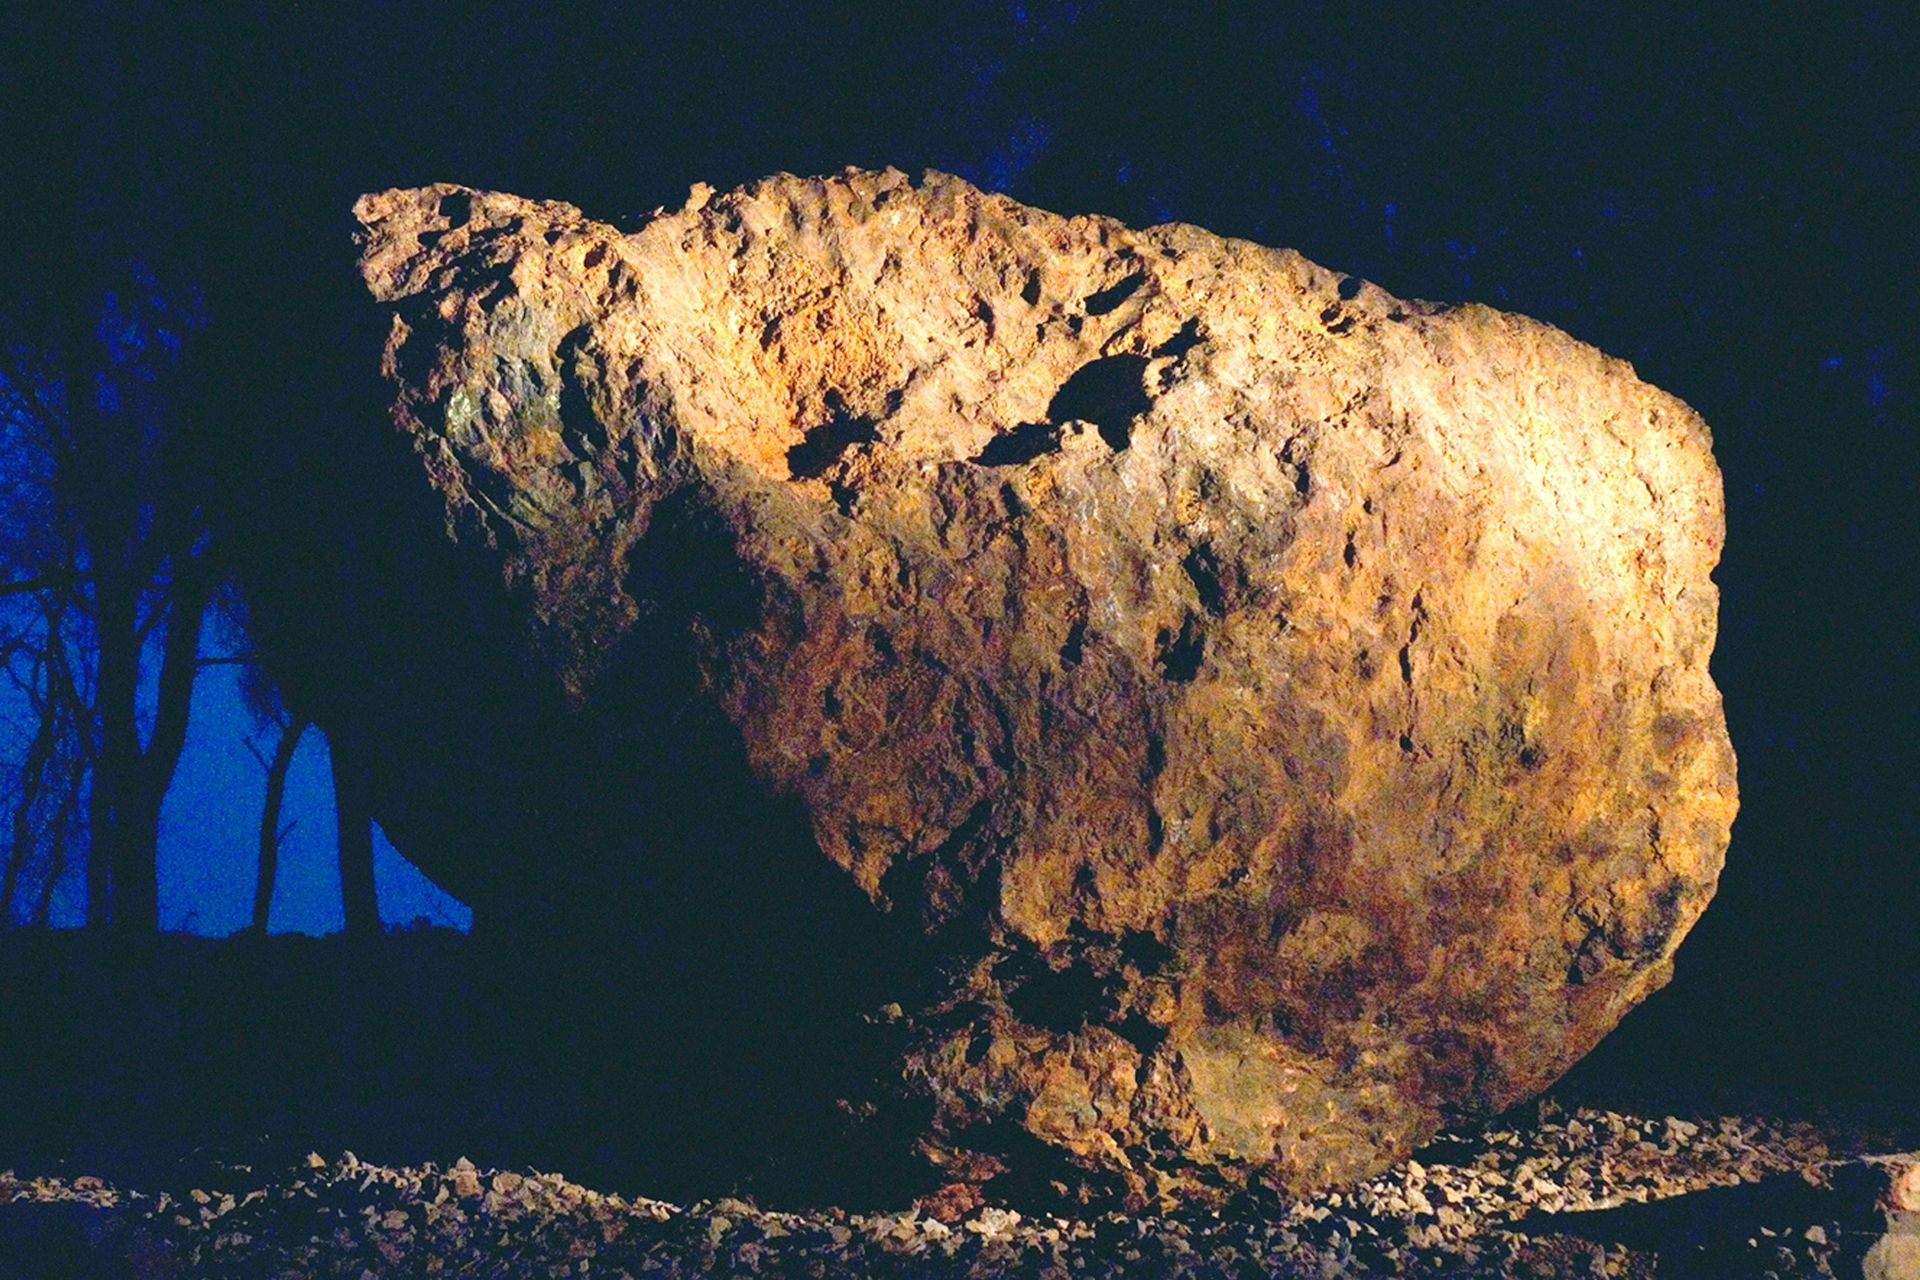 Los meteoritos son la obsesión del dúo que integran Guillermo Faivovich y Nicolás